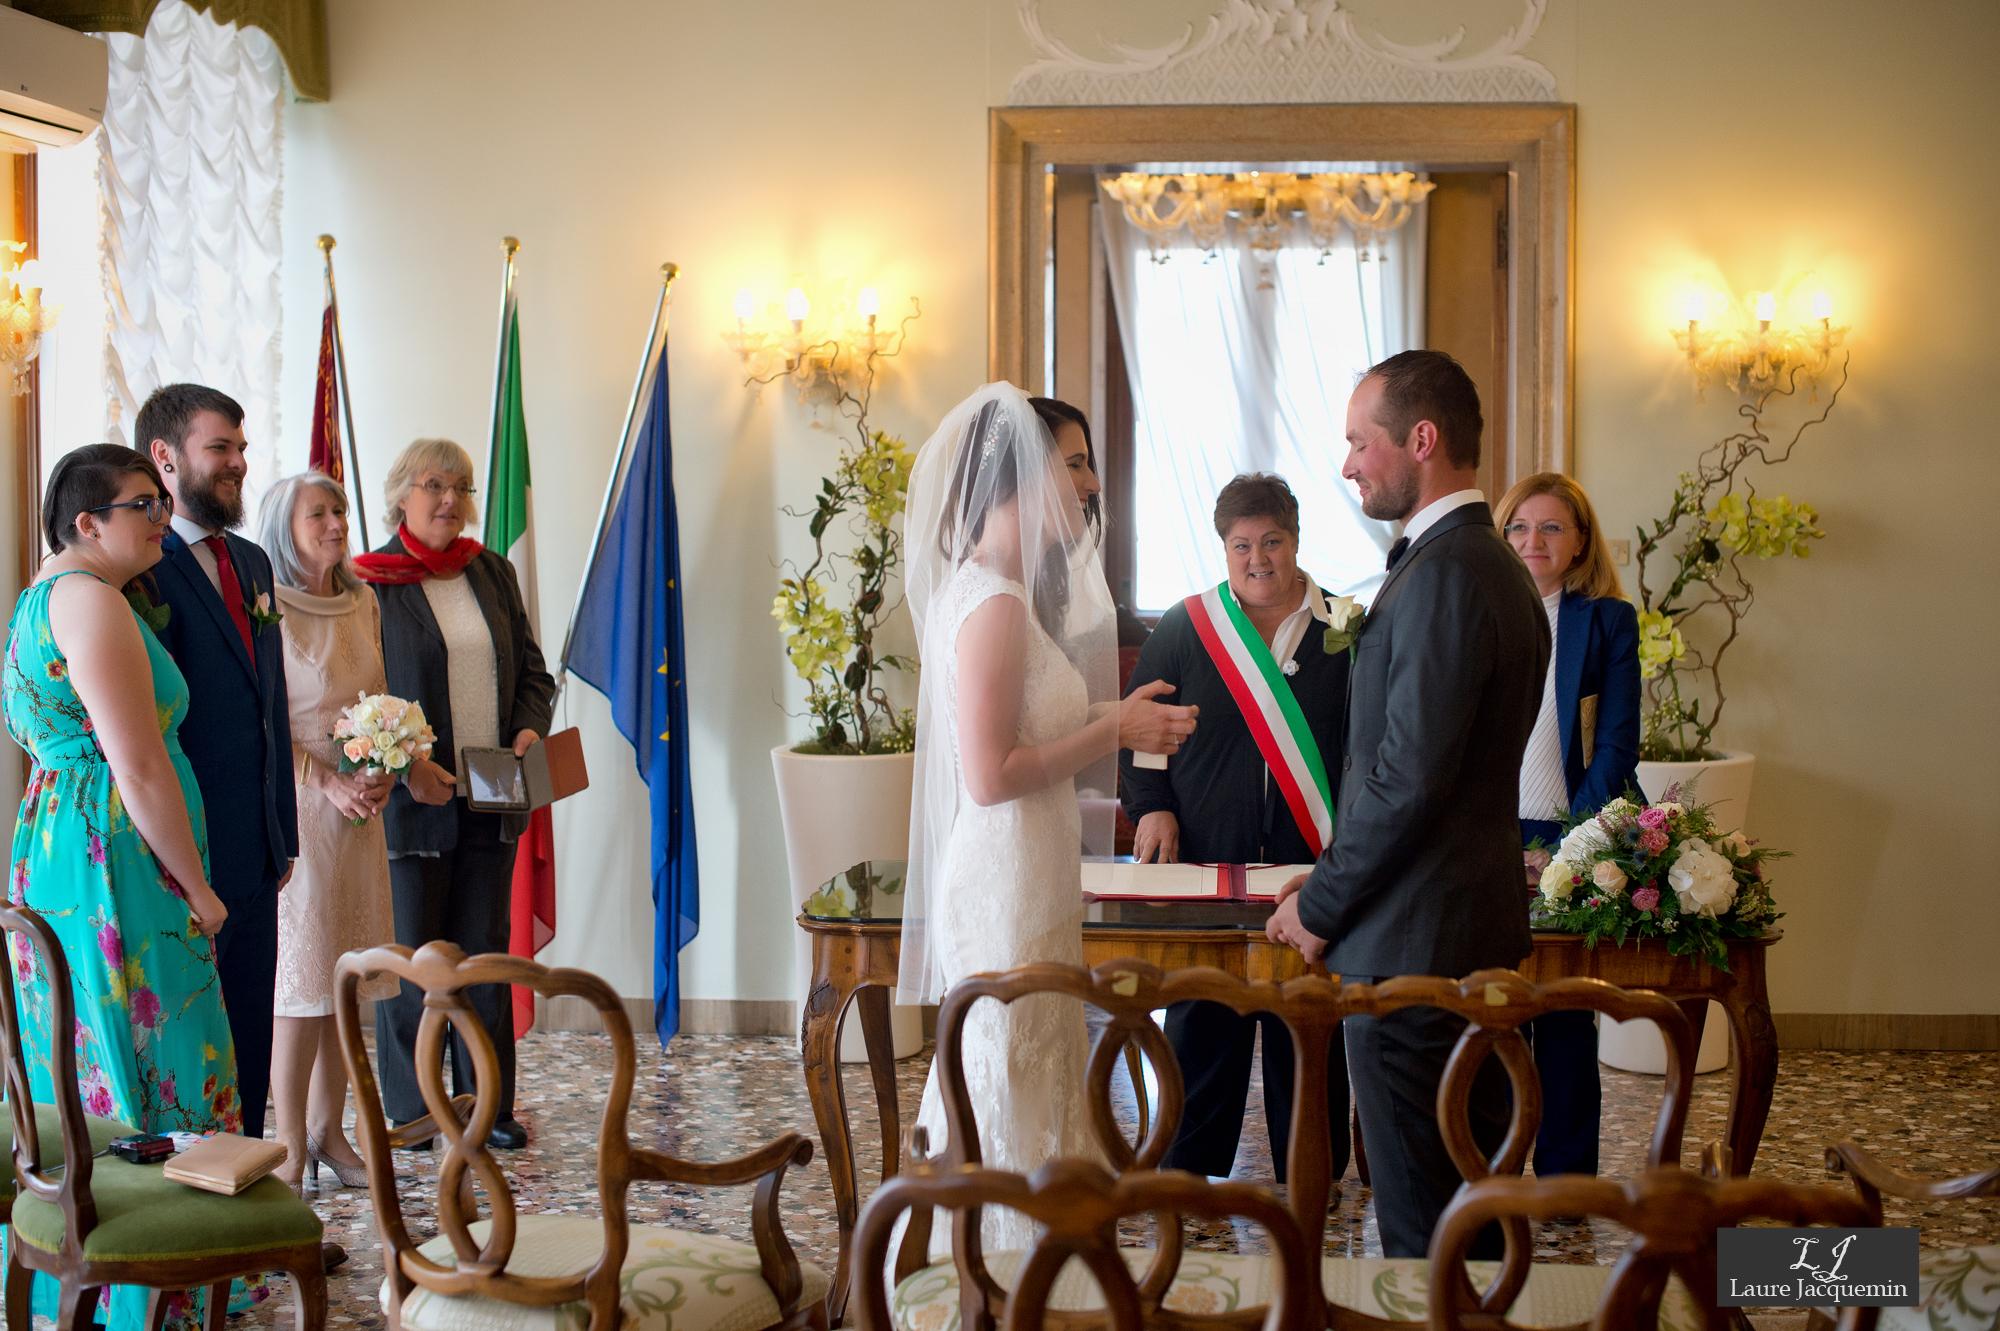 photographe mariage laure jacquemin palazzo cavalli service photographique (33)